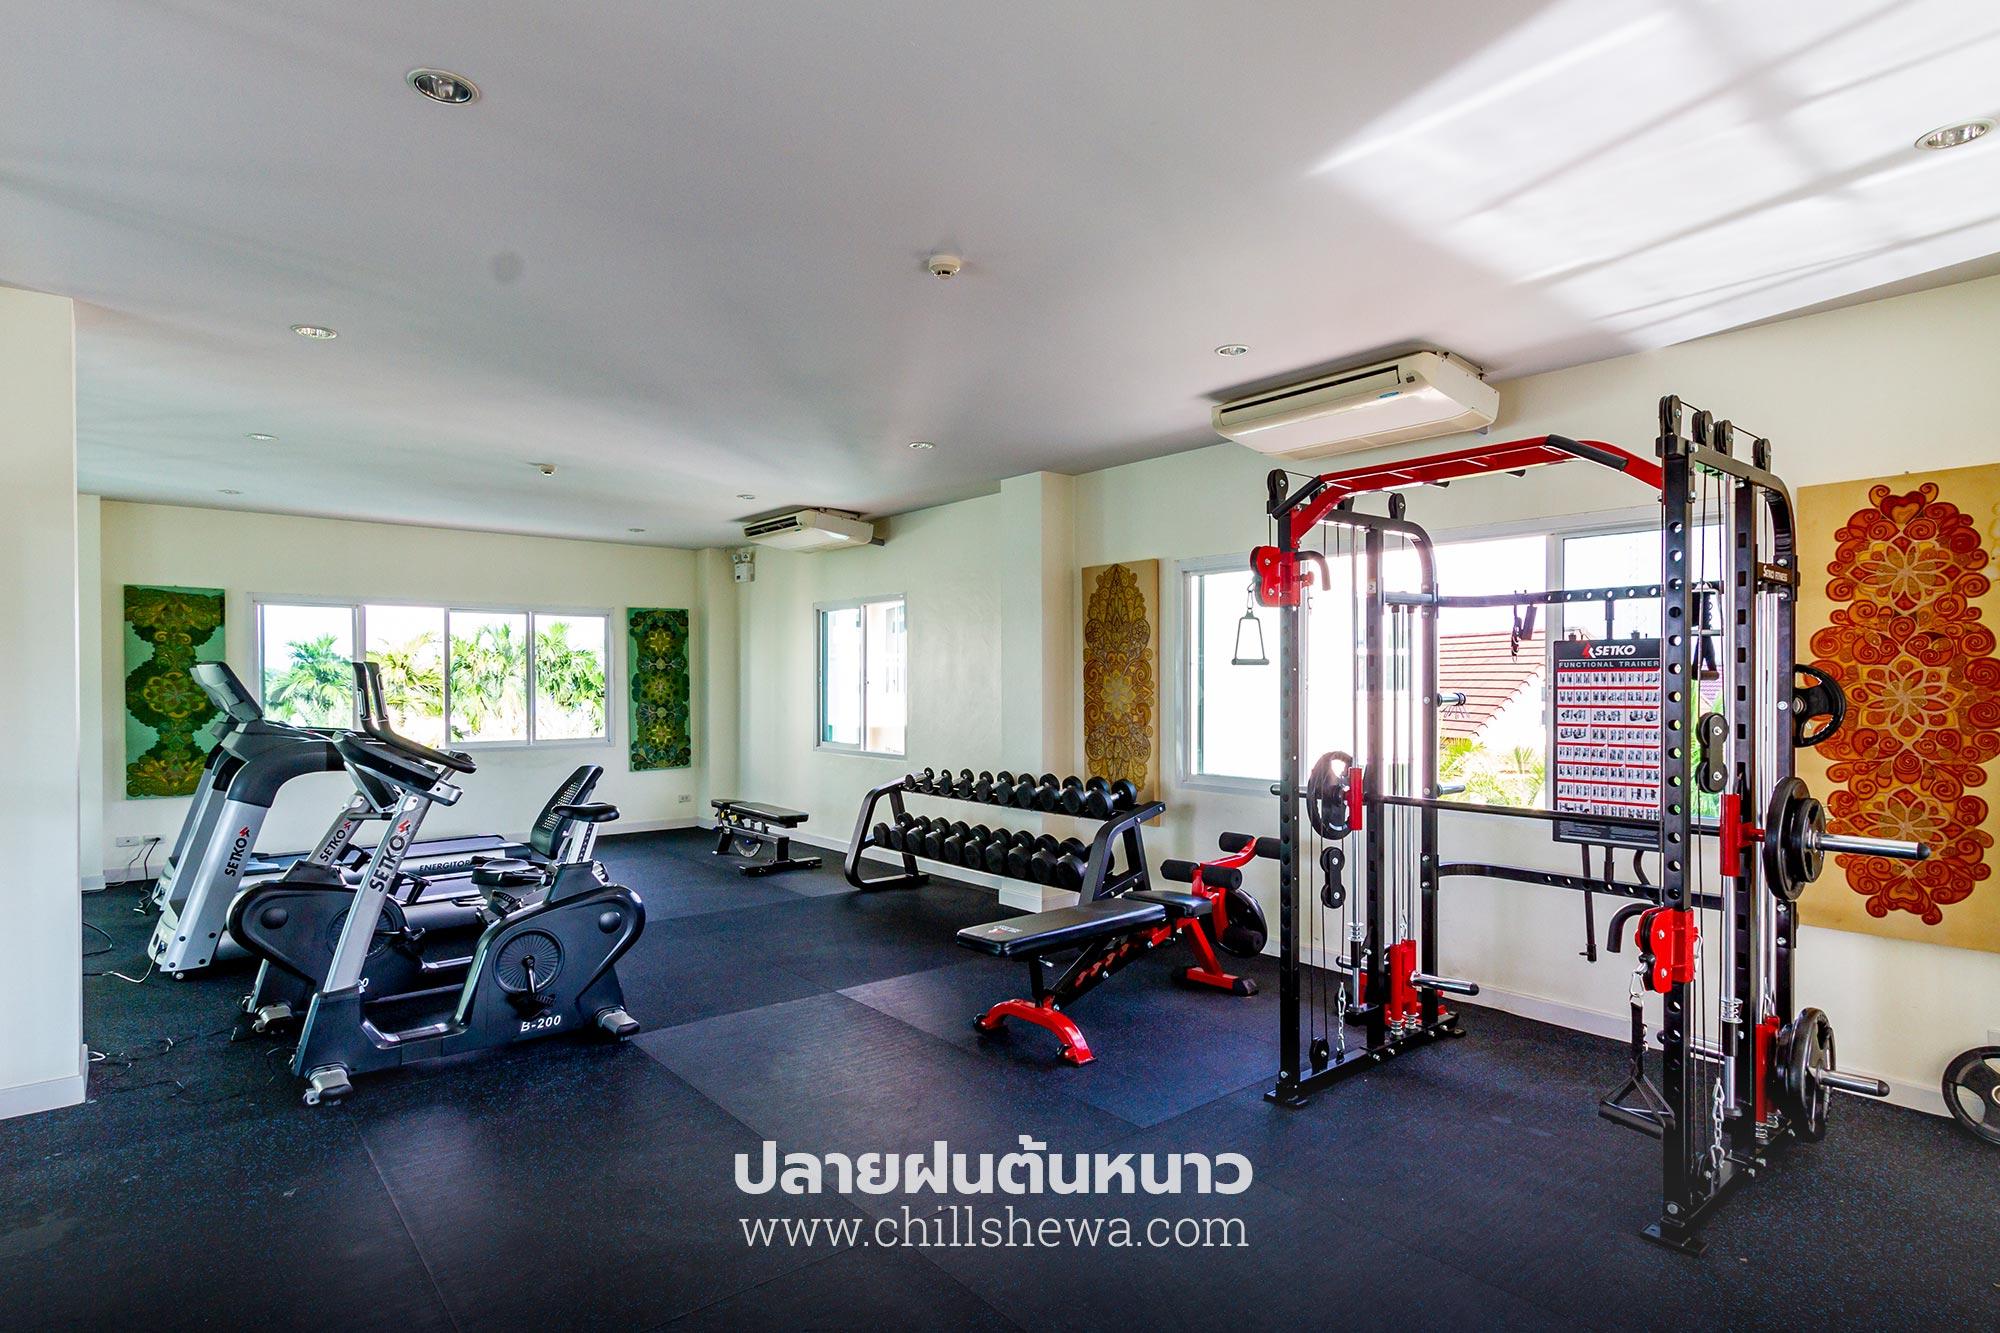 Krabi Front Bay Resort กระบี่ ฟร้อนท์ เบย์ รีสอร์ท krabi front bay resort Krabi Front Bay Resort กระบี่ ฟร้อนท์ เบย์ รีสอร์ท Krabi Front Bay Resort 16